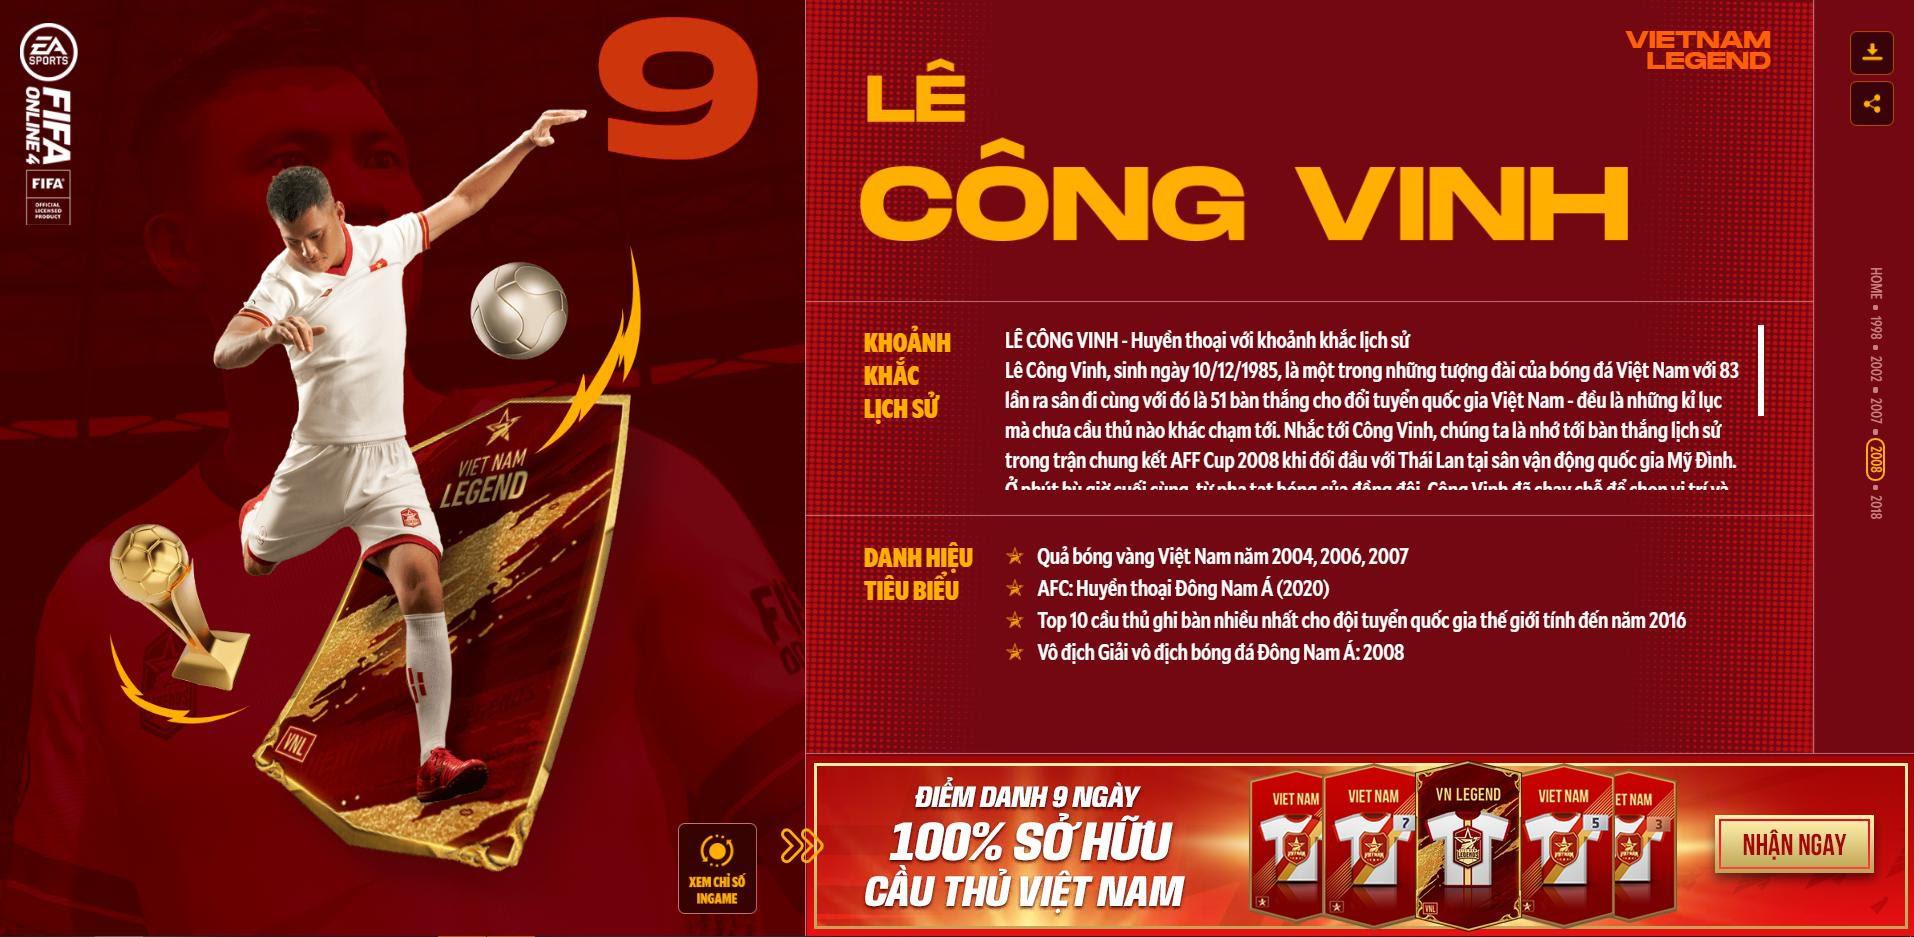 Các huyền thoại bóng đá Việt Nam bất ngờ xuất hiện trong Fifa Online 4 - Ảnh 7.